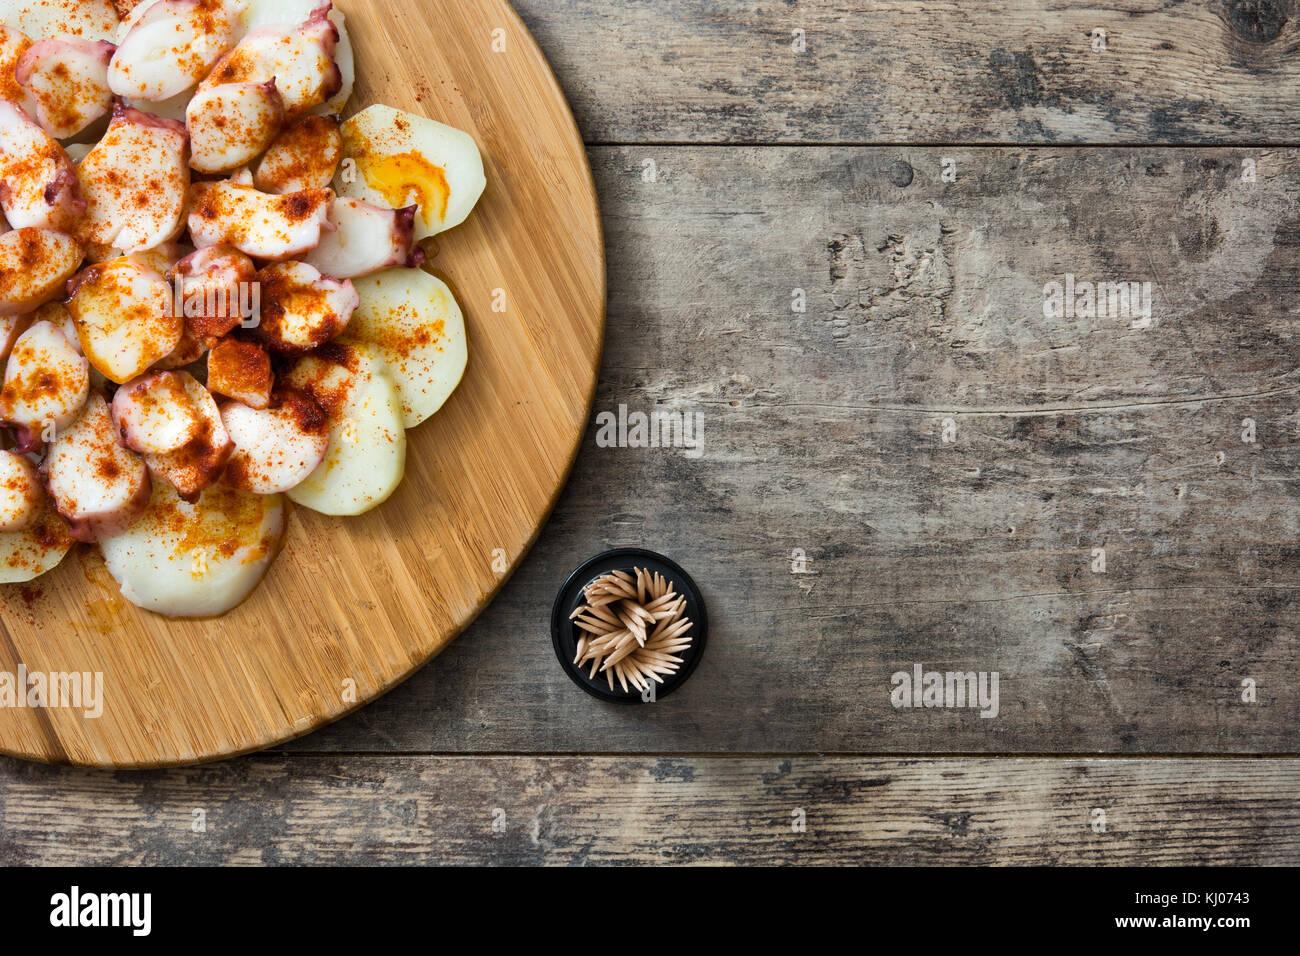 Pulpo a la gallega. galicien poulpe sur bois. cuisine typiquement espagnole Photo Stock